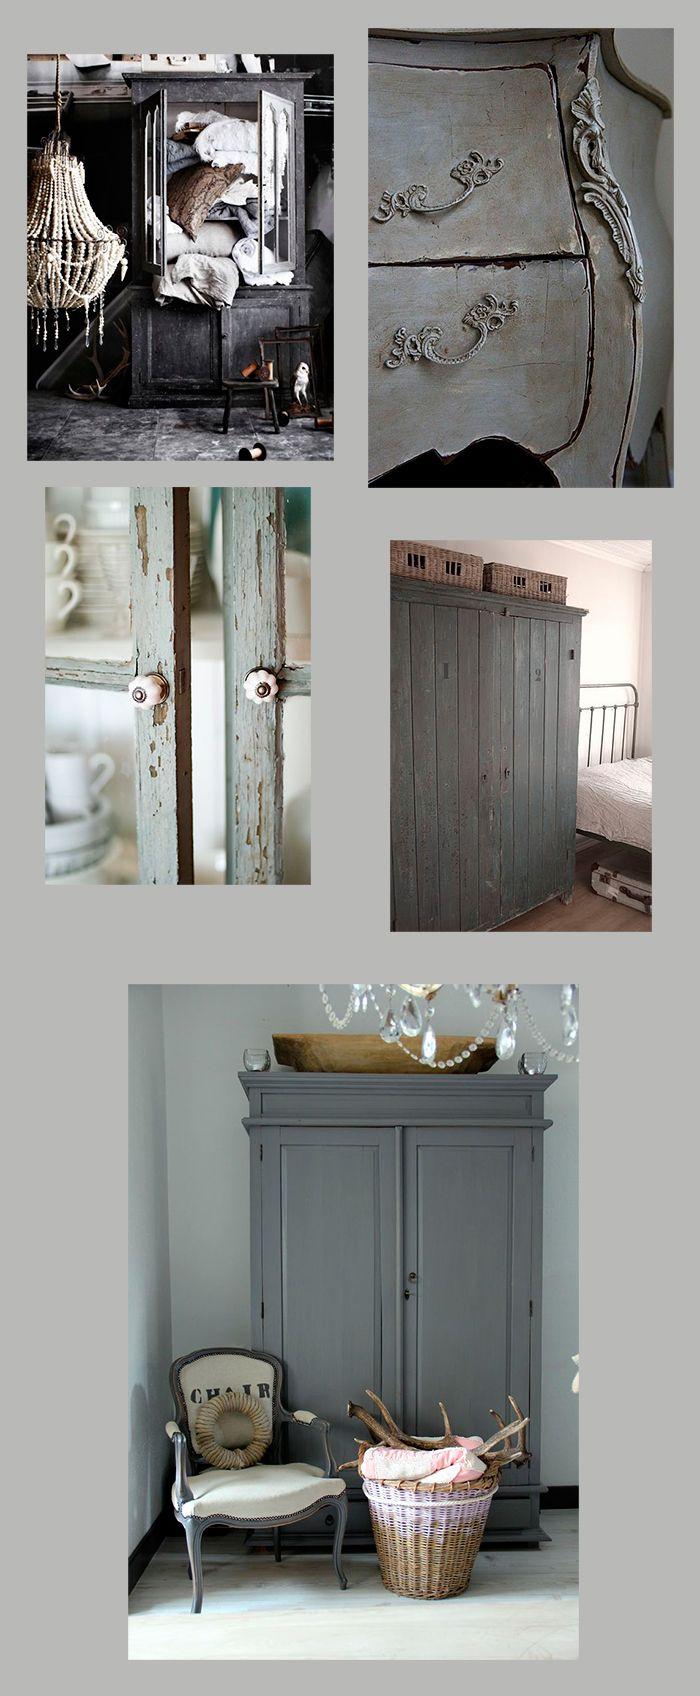 bilder härifrån Vill måla möbler i vackra grå nyanser.